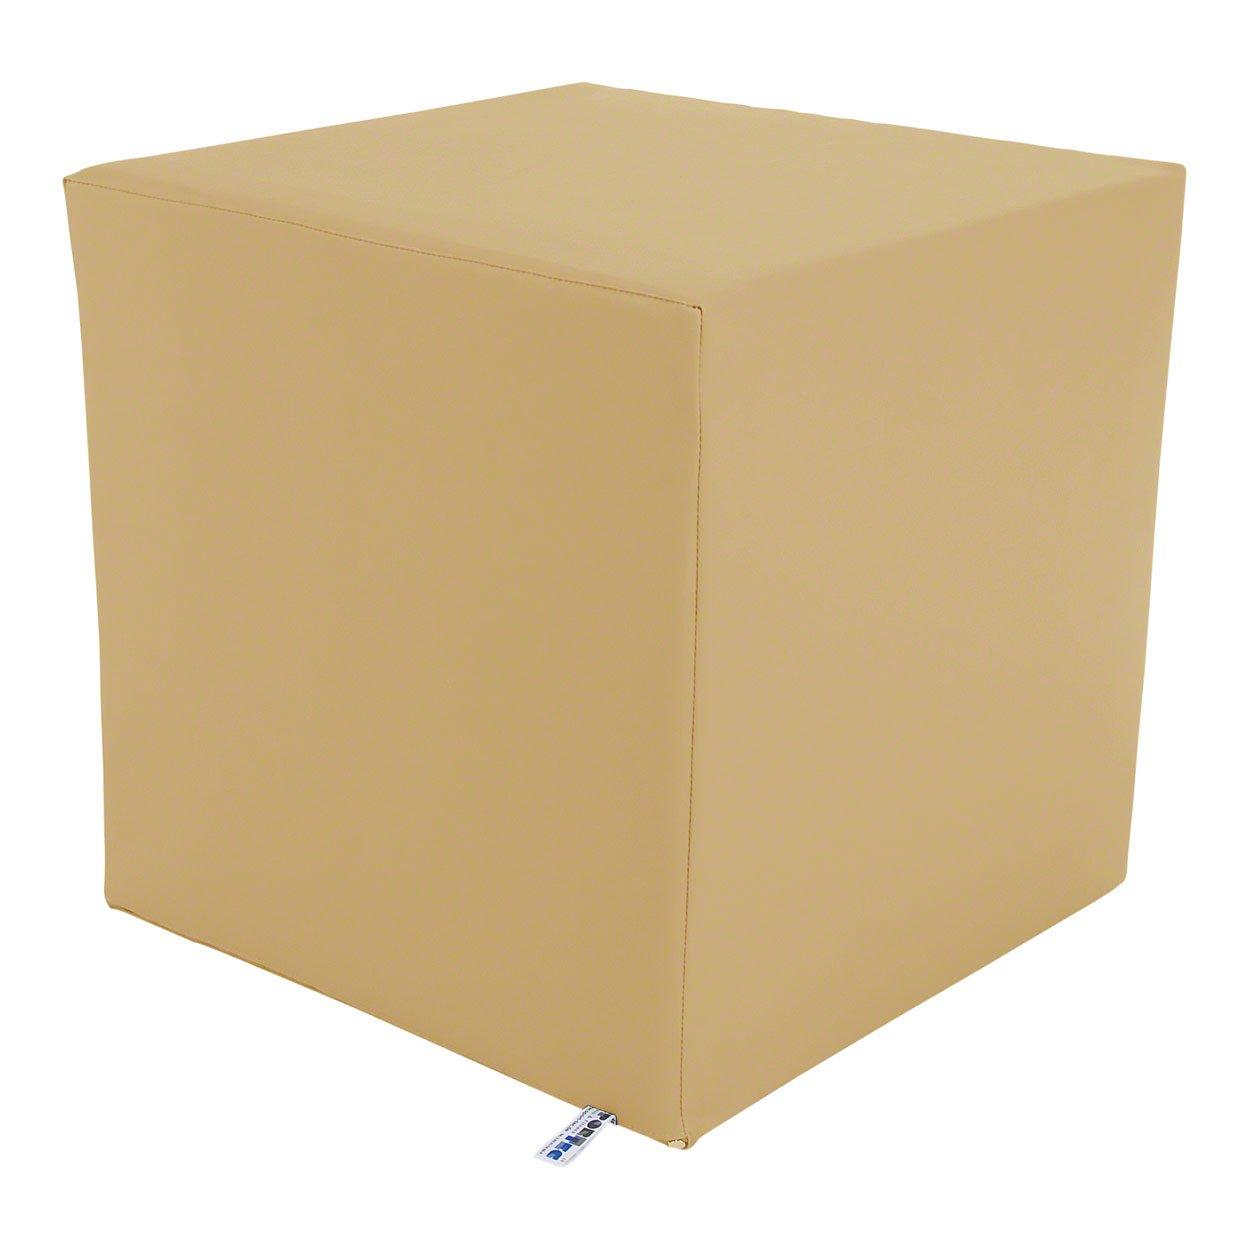 Lagerungswürfel Stufenlagerungswürfel Bandscheibenwürfel Sitzwürfel 50x50x50 cm